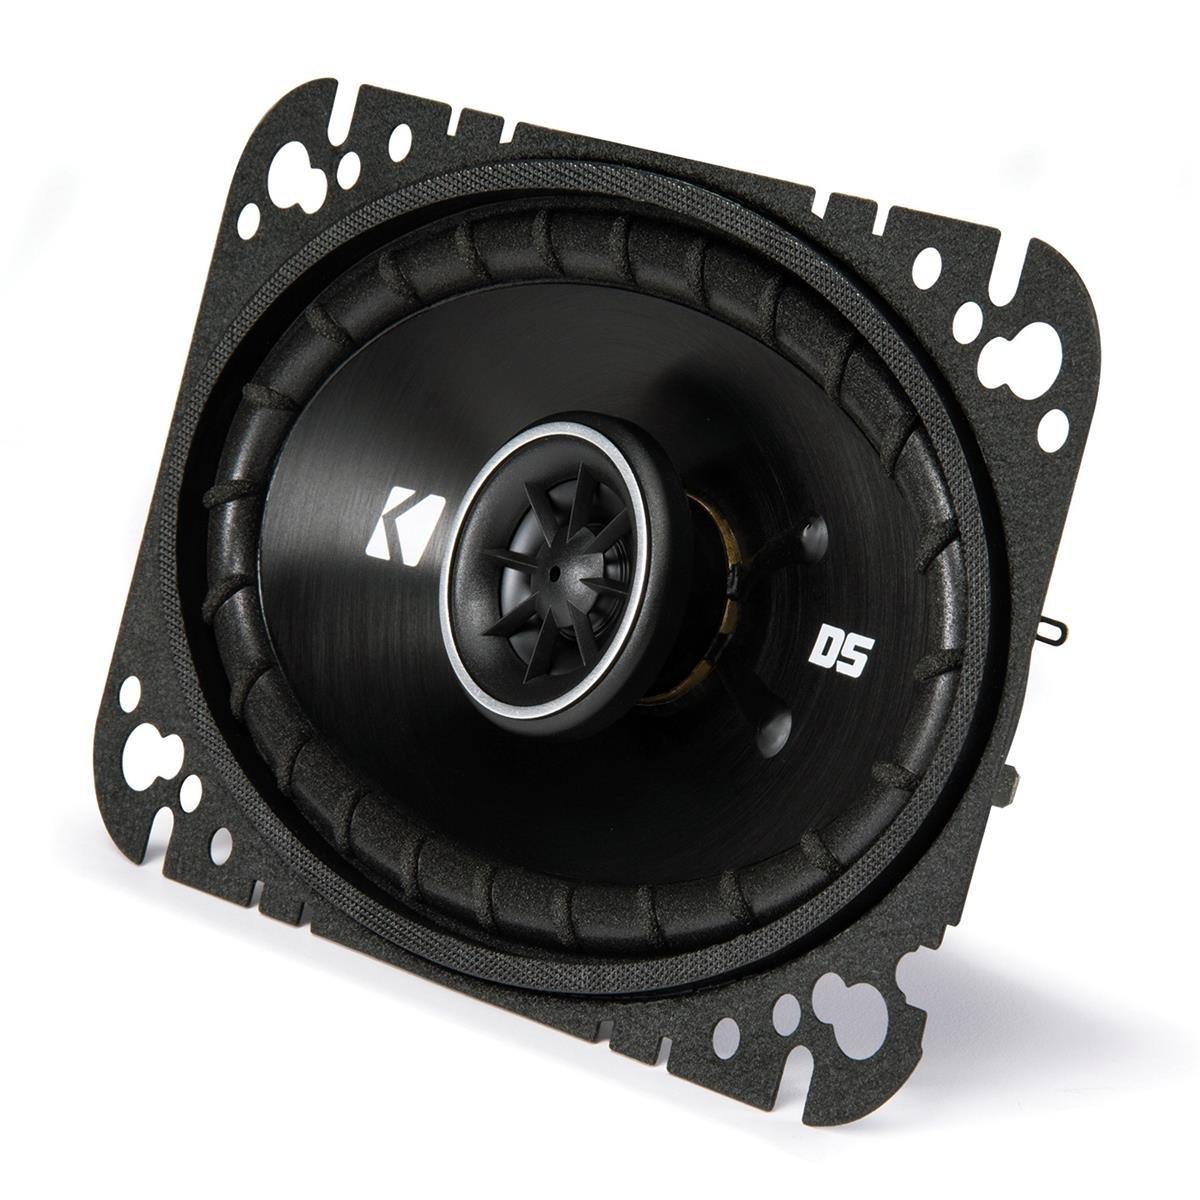 Kicker 43DSC4604 4x6 2-way Speaker Pair by Kicker (Image #4)